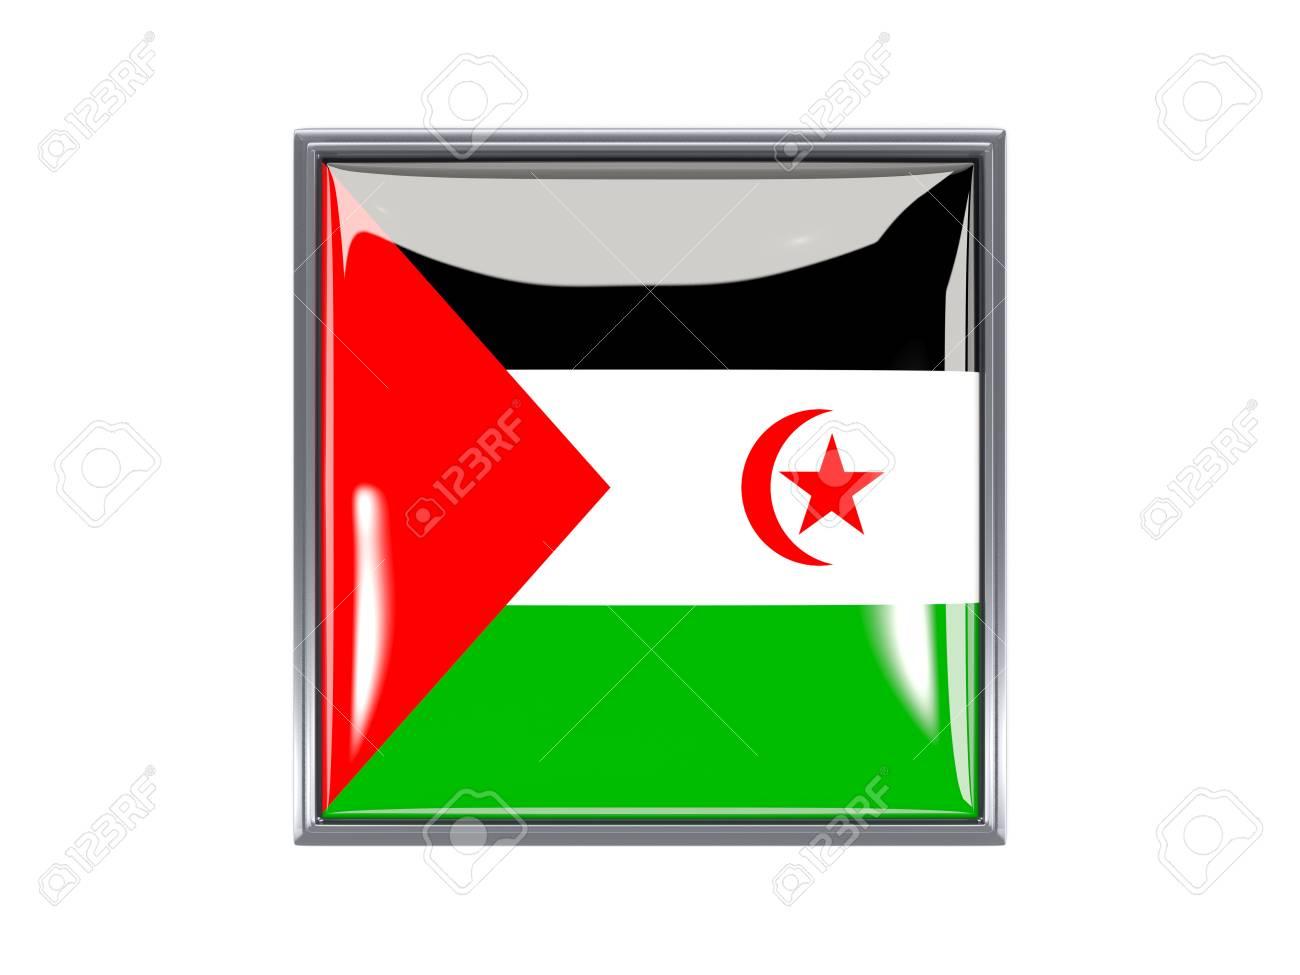 Metal Enmarcado Icono Cuadrado Con La Bandera Del Sáhara Occidental ...